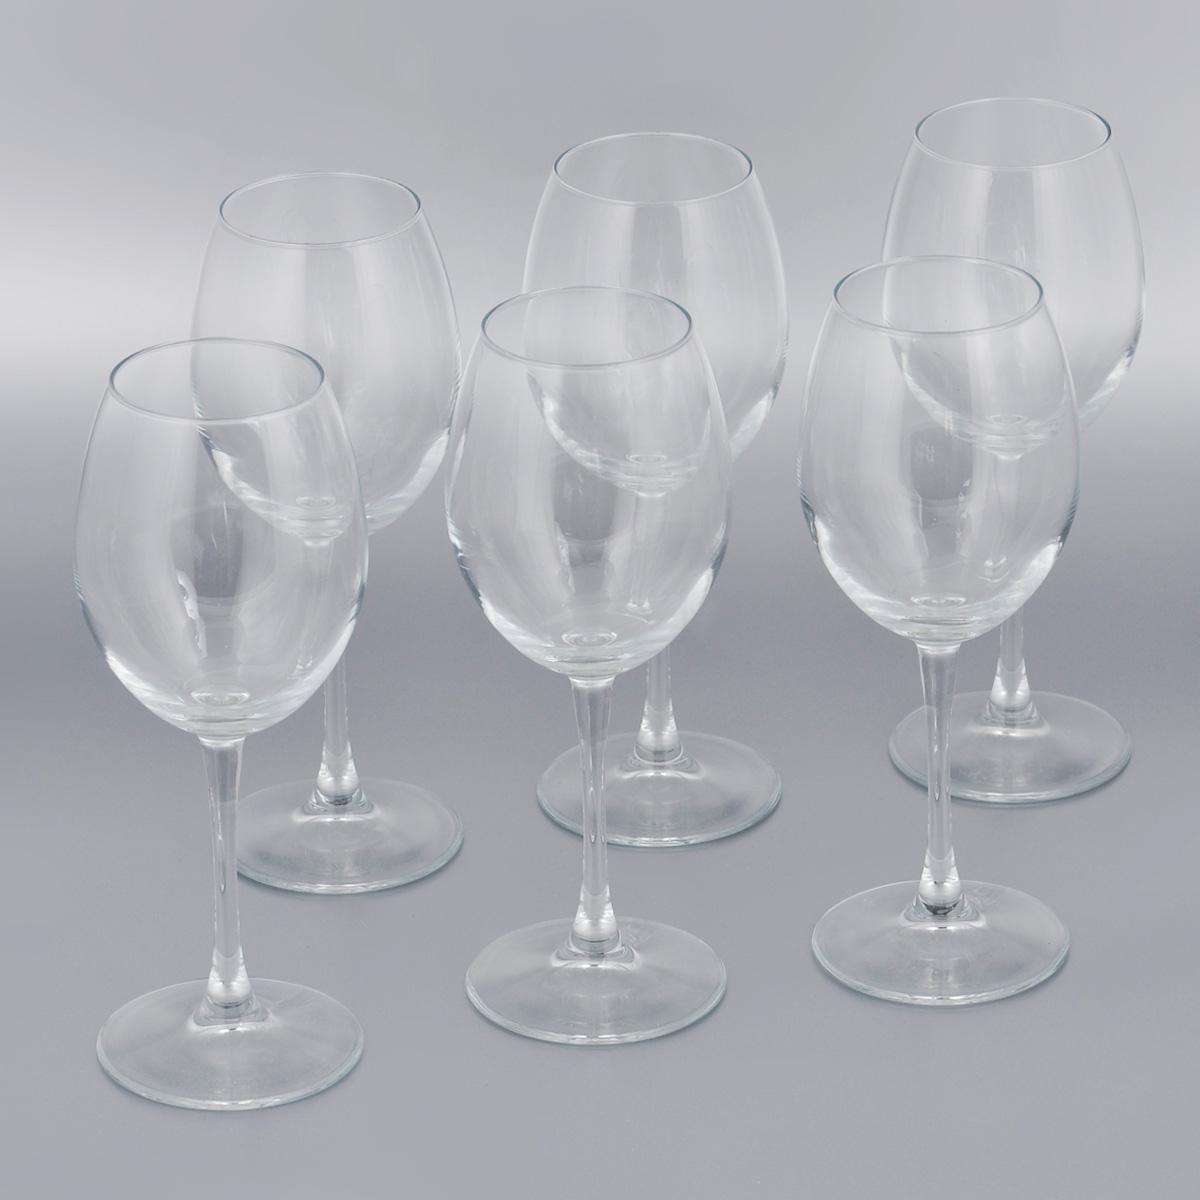 Набор бокалов для красного вина Pasabahce Enoteca, 420 мл, 6 шт44728BНабор Pasabahce Enoteca состоит из шести бокалов, выполненных из прочного натрий-кальций-силикатного стекла. Изделия оснащены высокими ножками. Бокалы предназначены для подачи красного вина. Они сочетают в себе элегантный дизайн и функциональность. Благодаря такому набору пить напитки будет еще вкуснее.Набор бокалов Pasabahce Enoteca прекрасно оформит праздничный стол и создаст приятную атмосферу за романтическим ужином. Такой набор также станет хорошим подарком к любому случаю. Можно мыть в посудомоечной машине и использовать в микроволновой печи.Диаметр бокала (по верхнему краю): 6 см. Высота бокала: 22,5 см.